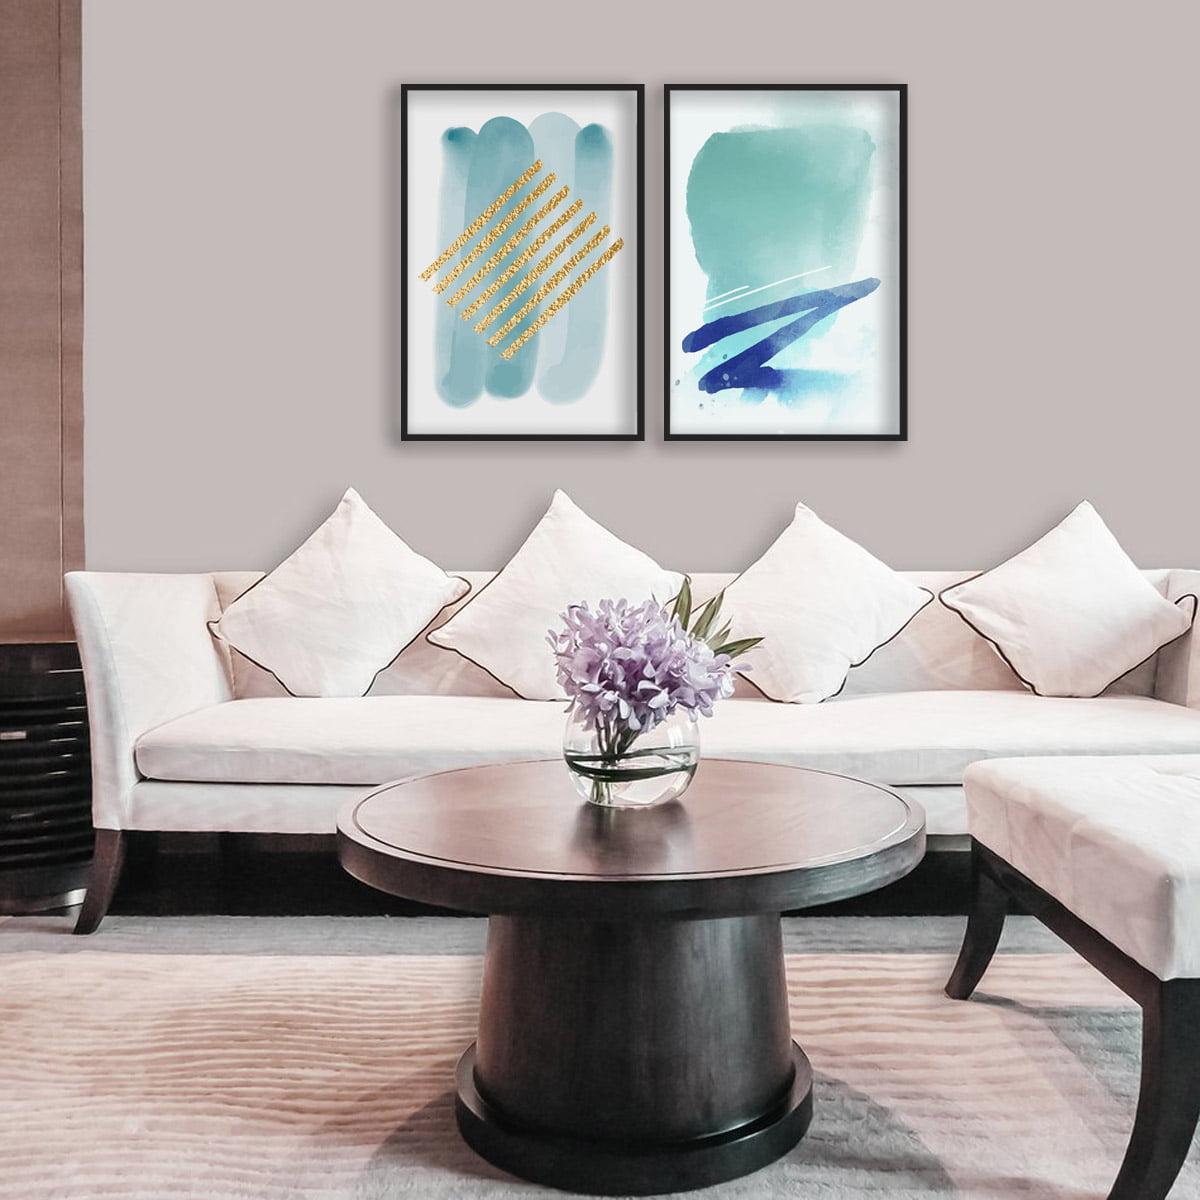 Kit 2 Quadros Decorativos Para Sala Quarto Abstrato Blue Gold